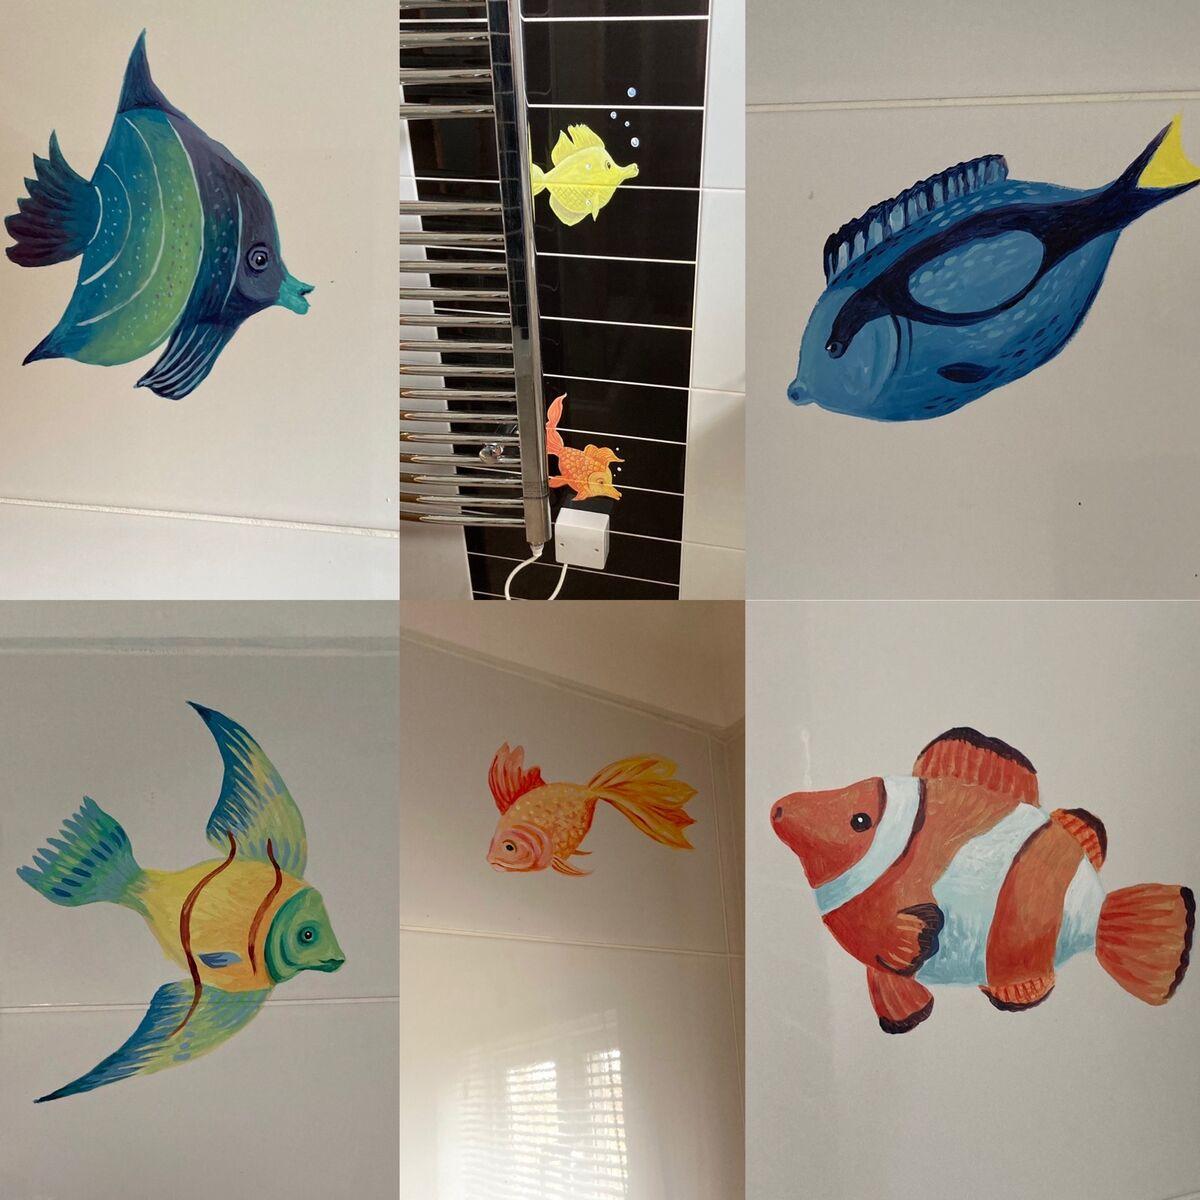 Bathroom tropical fish in enamel paints.